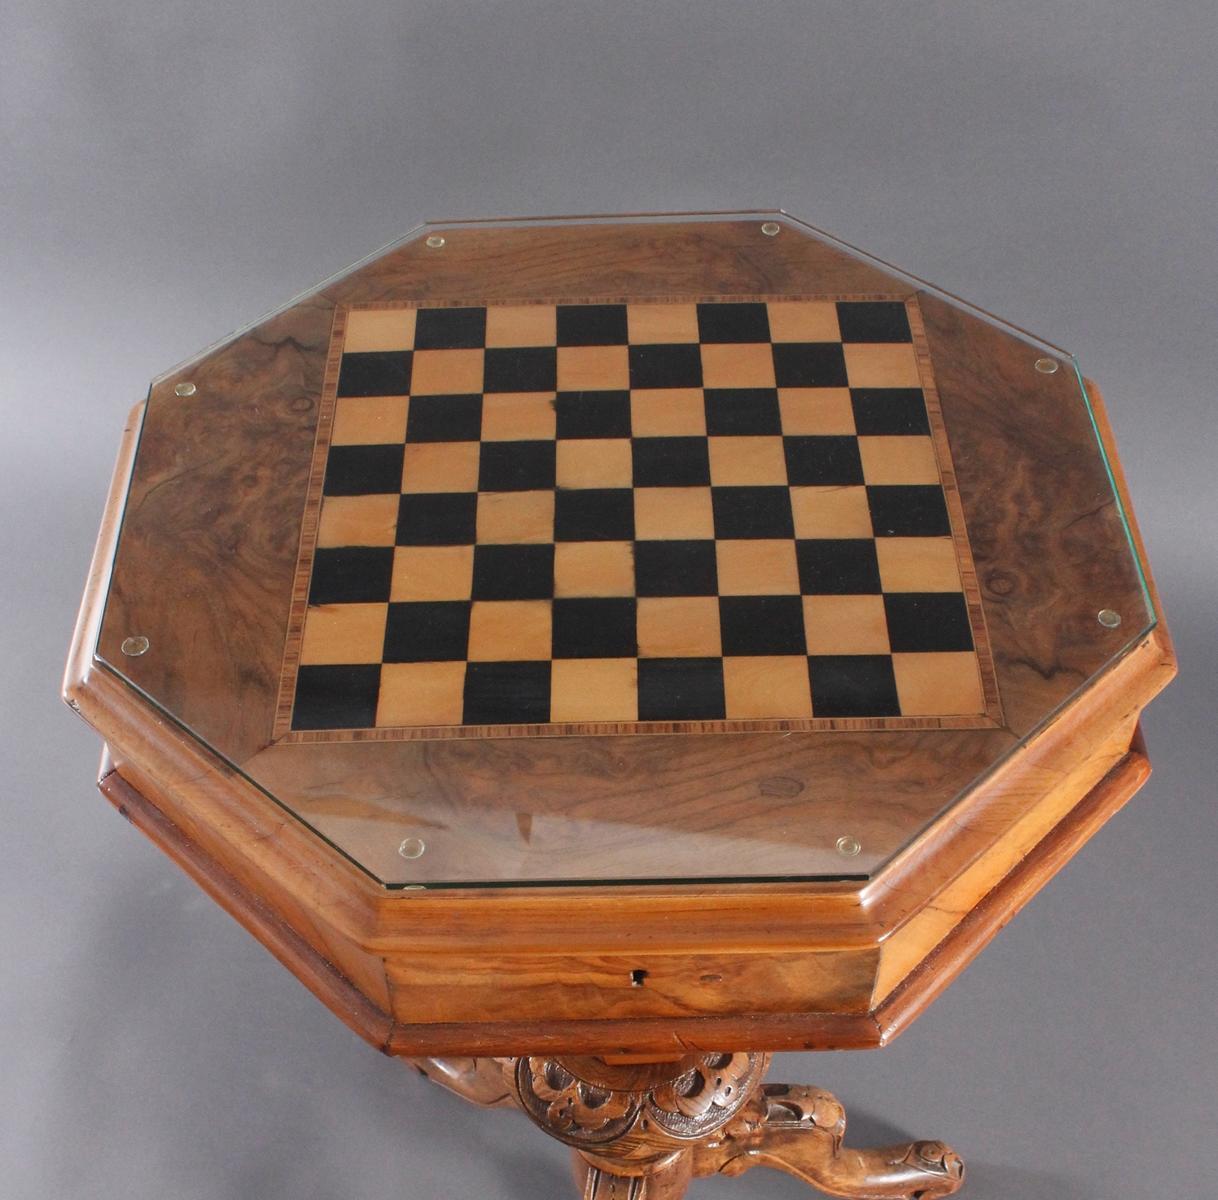 Schach-/Beistelltisch, 19. Jahrhundert-3